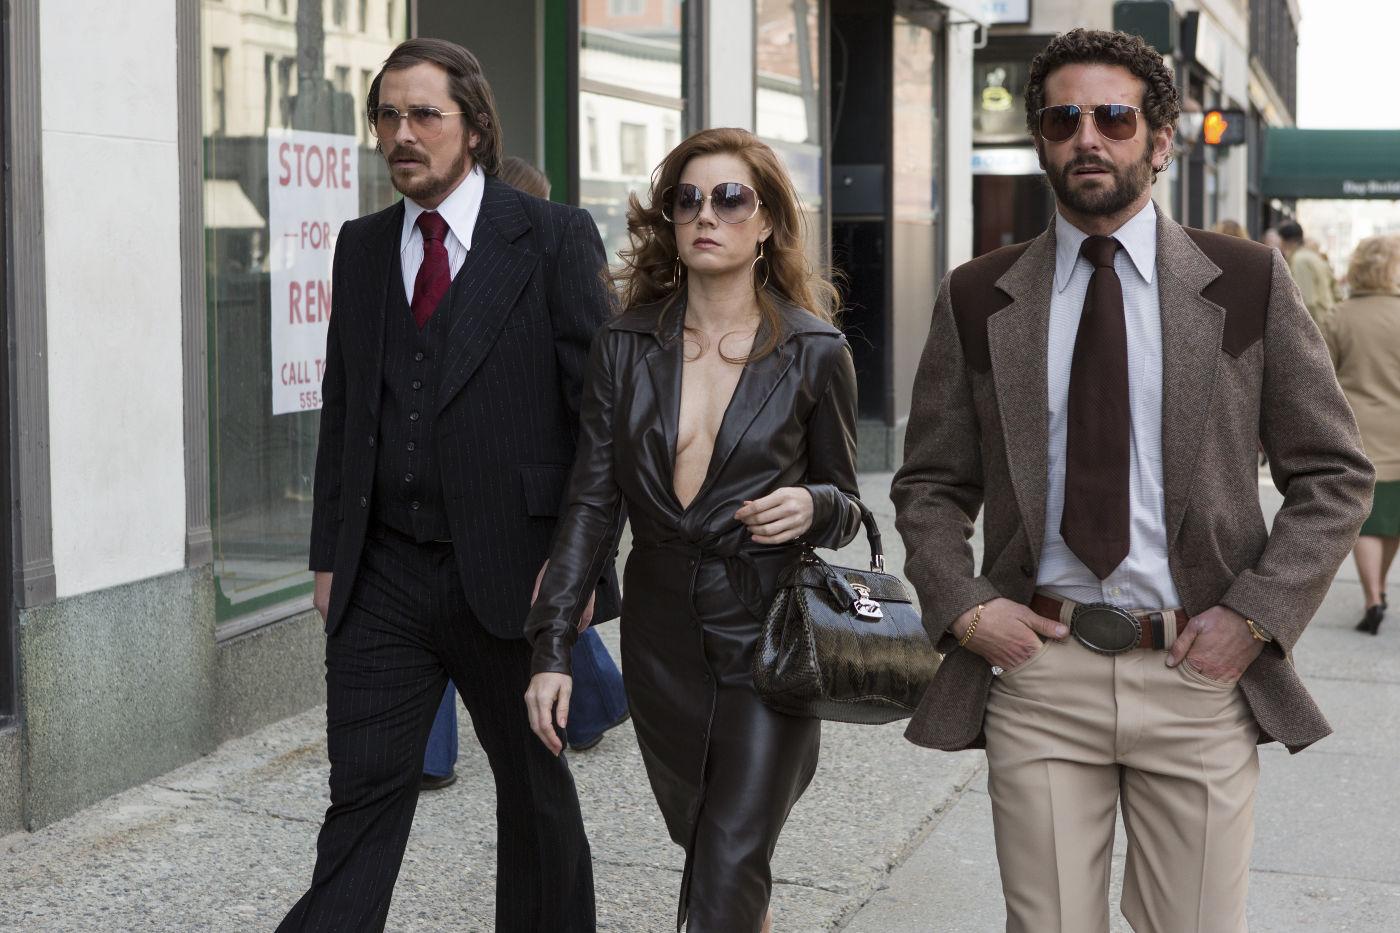 Christian Bale, Amy Adams e Bradley Cooper superaram as ausência no SAG e chegaram ao Globo de Ouro 2014 por Trapça (photo by www.outnow.ch)